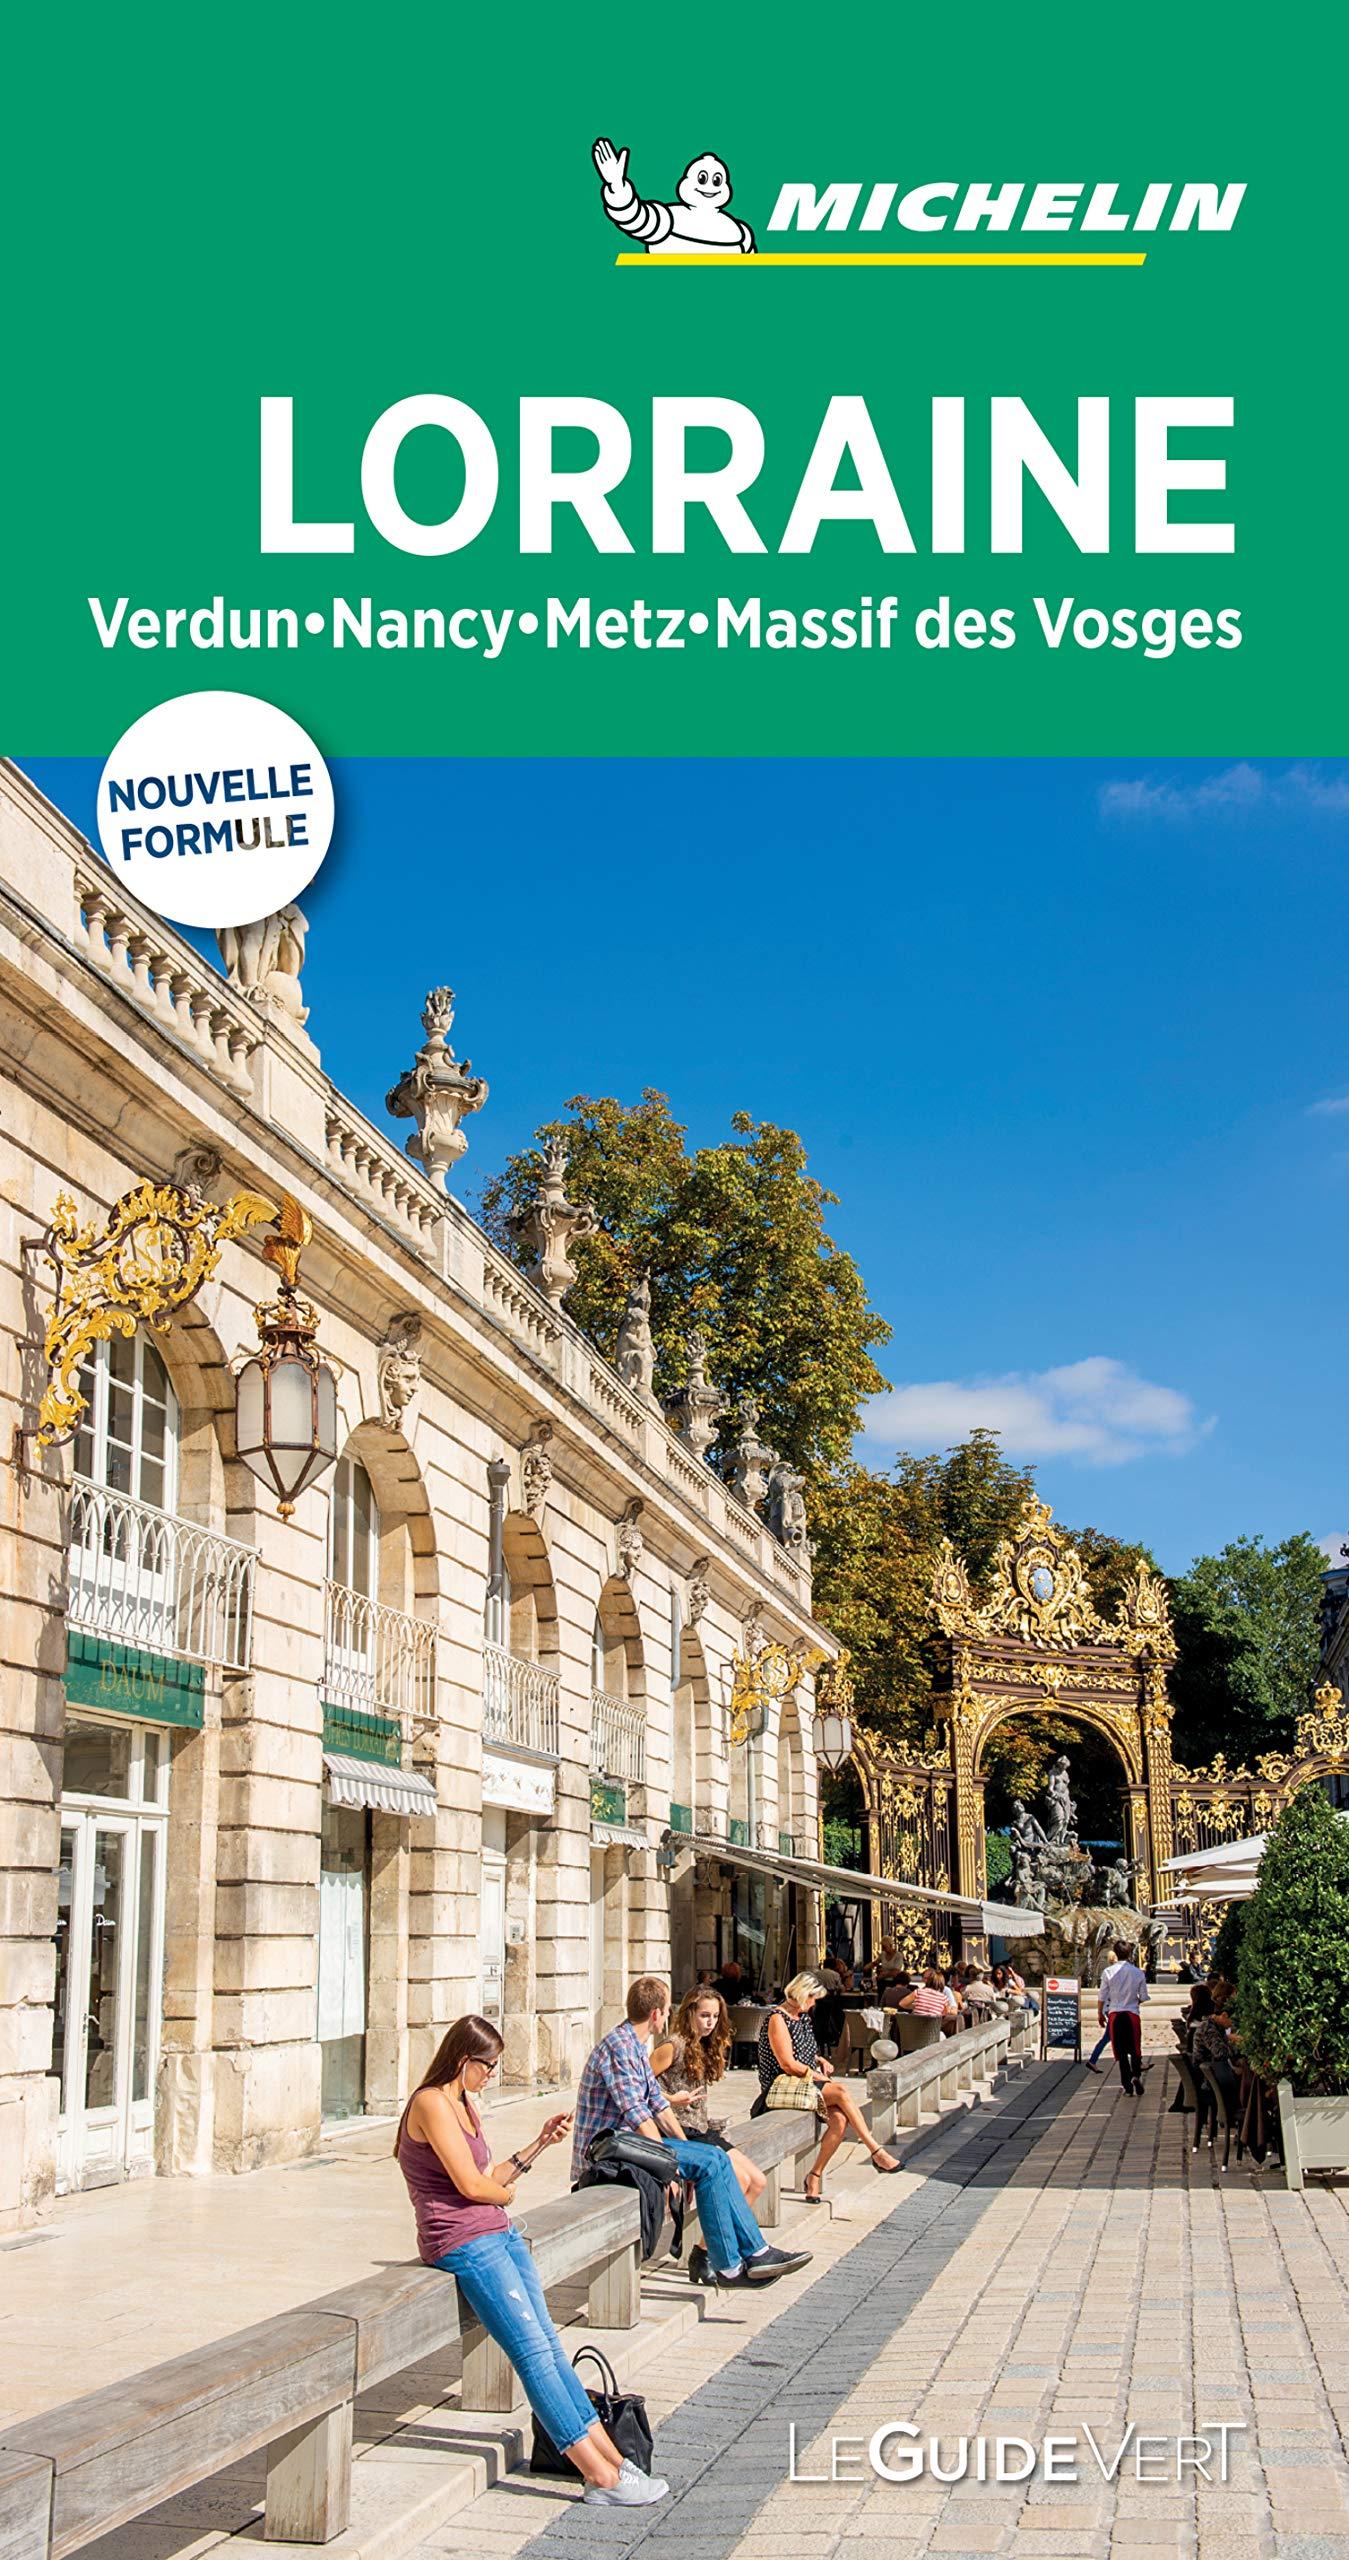 Lorraine, Metz, Nancy Le Guide Vert : Verdun / Nancy / Metz / Massif des Vosges La Guía Verde Michelin: Amazon.es: MICHELIN: Libros en idiomas extranjeros